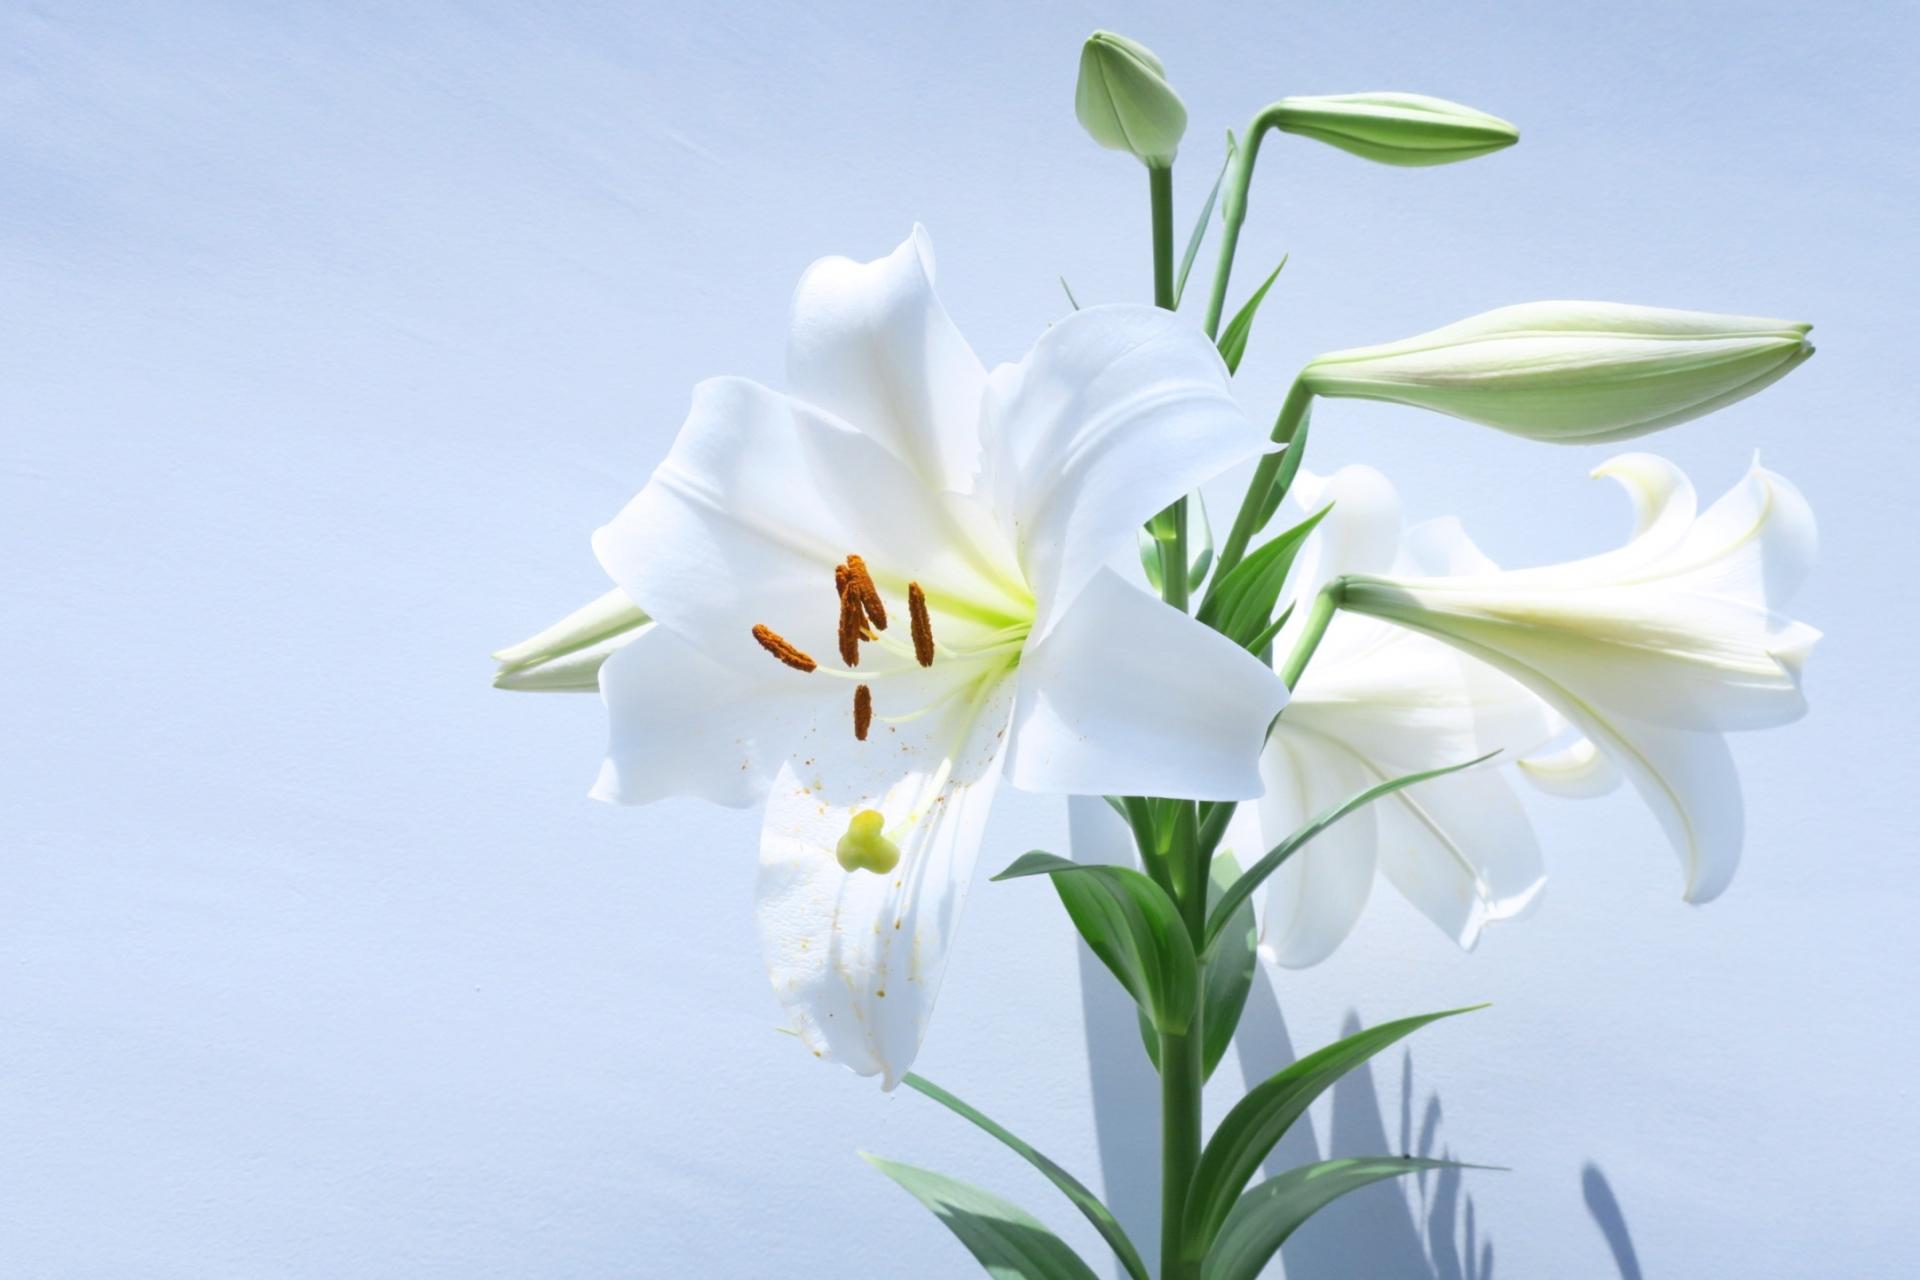 ガーデン用品屋さんの花図鑑 ユリ